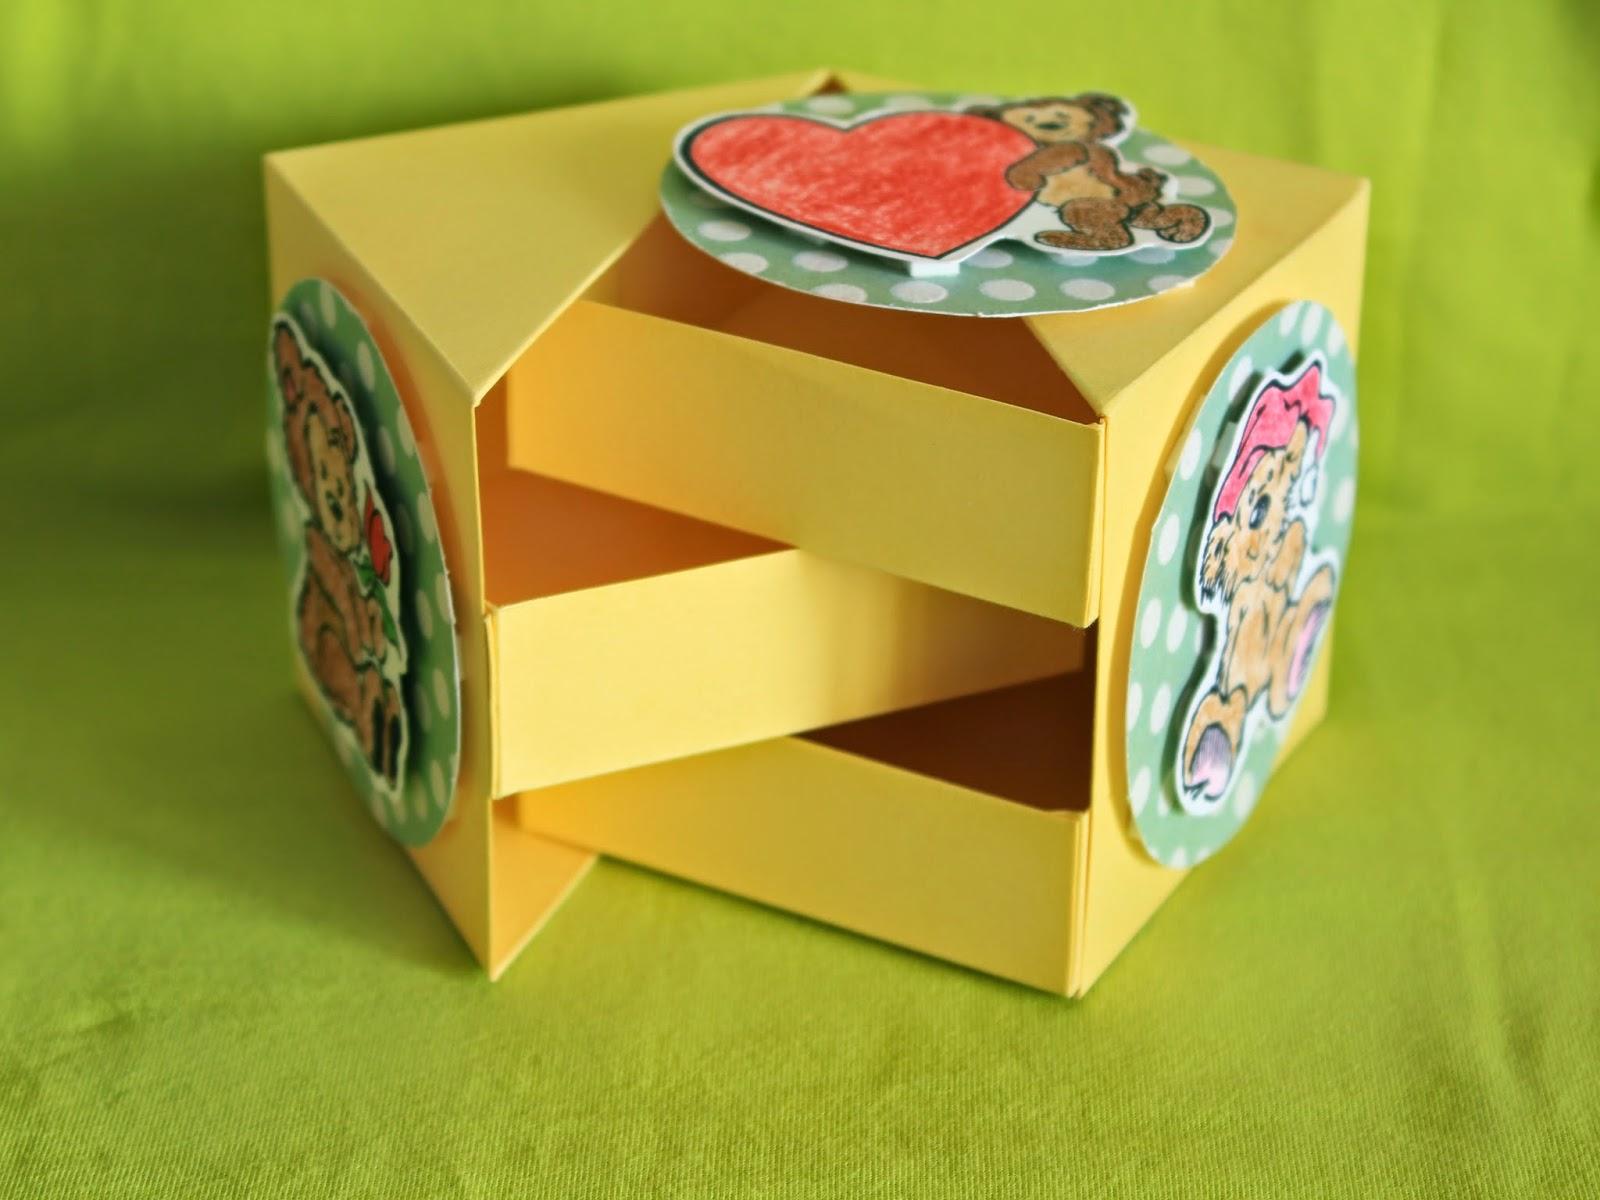 Как приятно удивить: делаем коробочку с сюрпризом своими руками 24